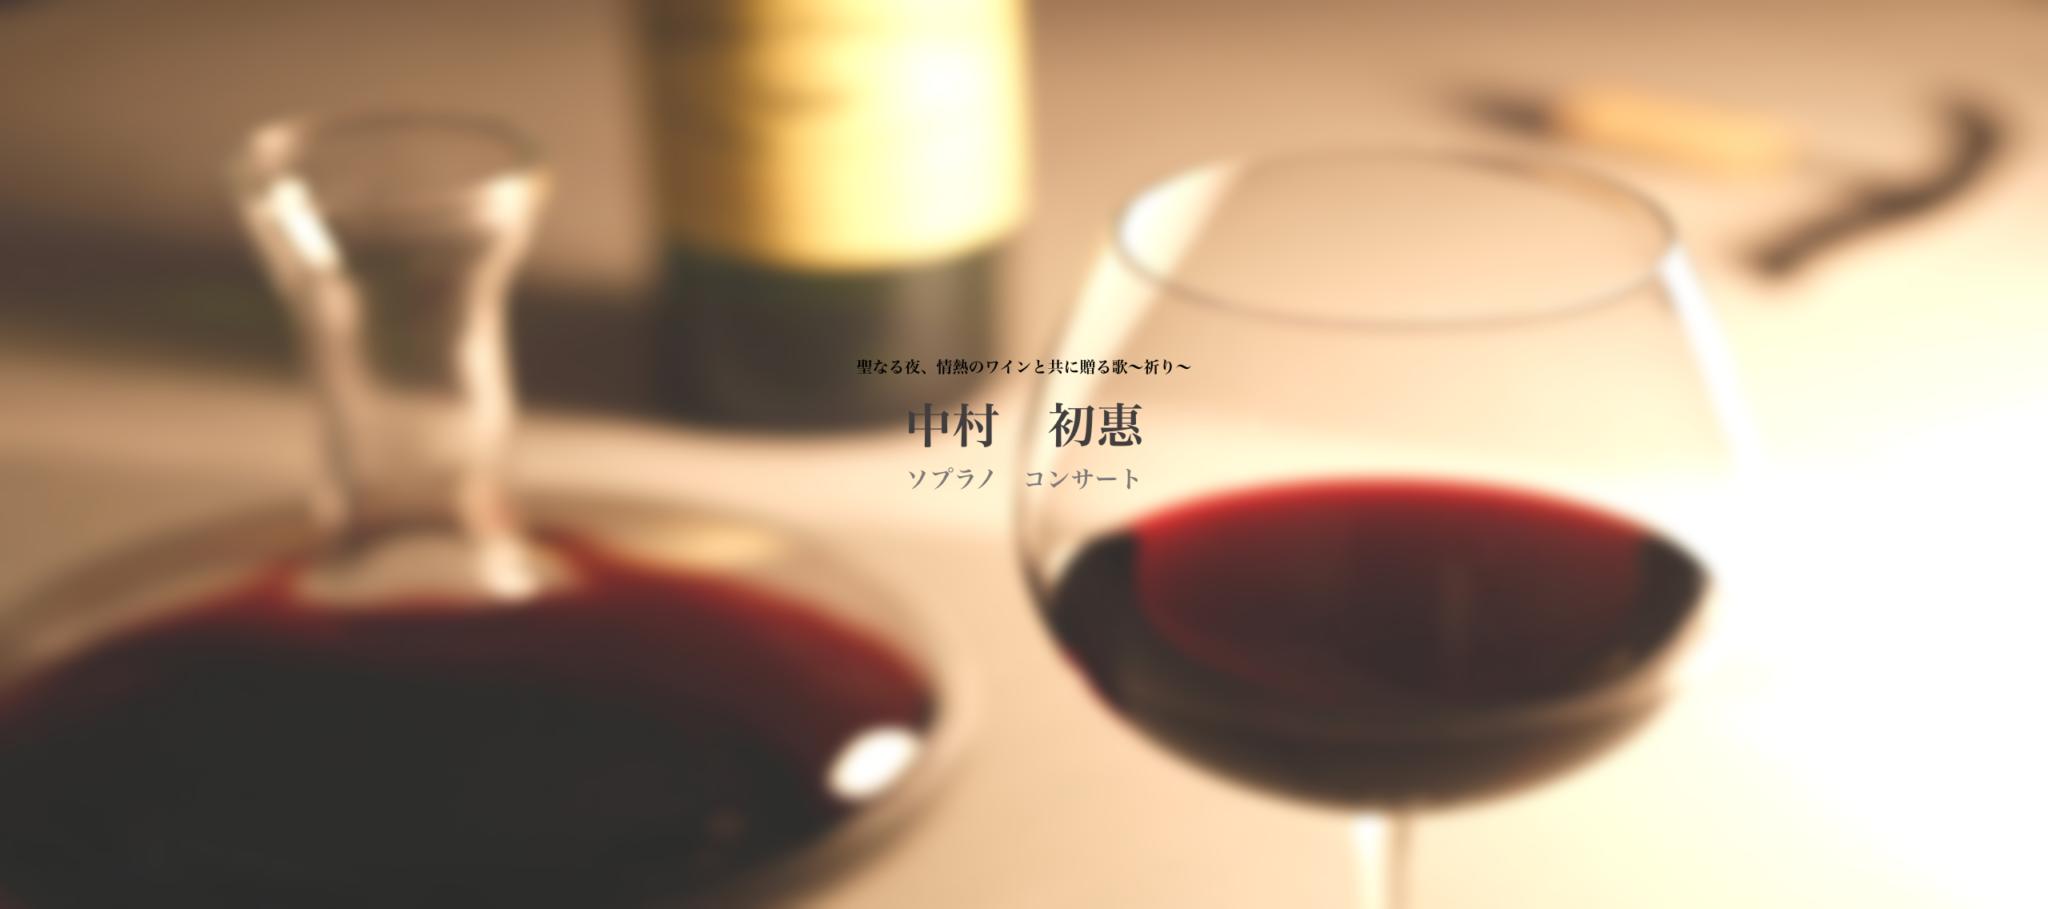 聖なる夜、情熱のワインとともに贈る歌 〜祈り〜